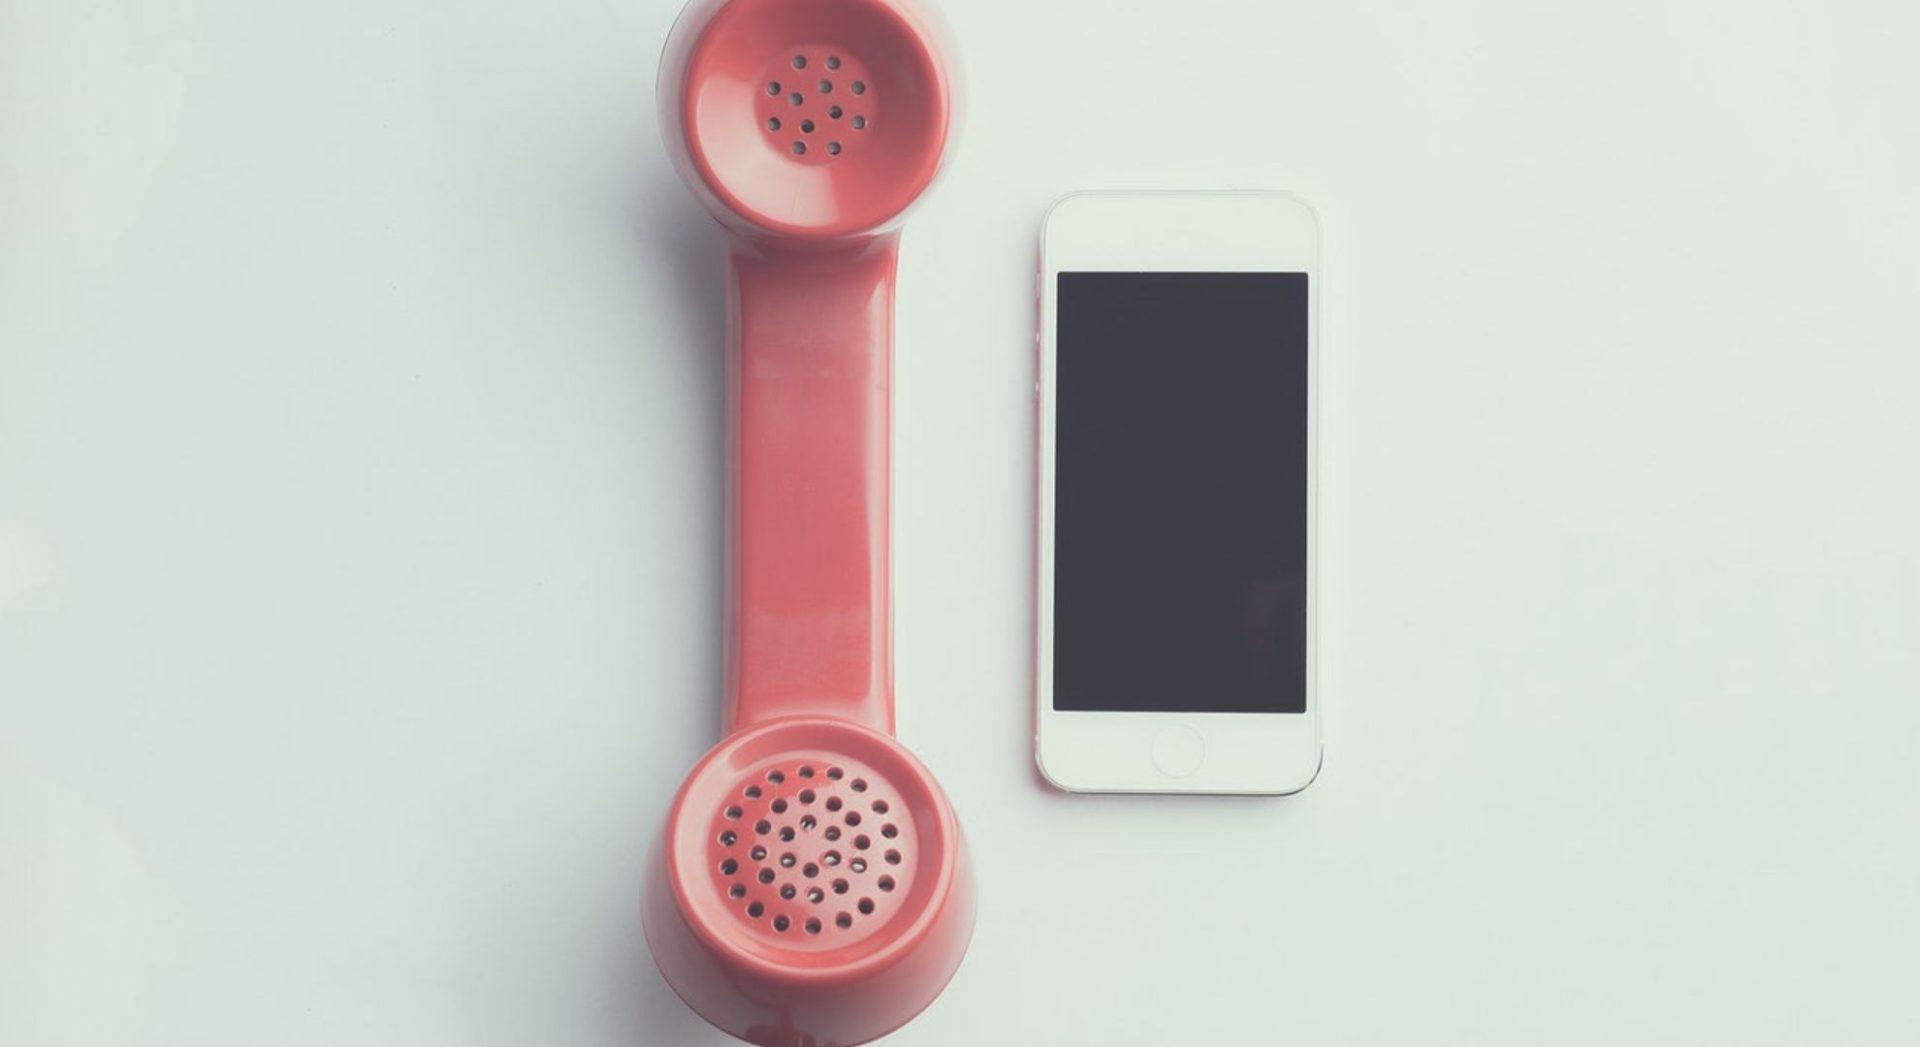 SMS認証をもっとも安く出来る格安SIMの紹介と日本で最安値でネット環境を構築する方法を紹介